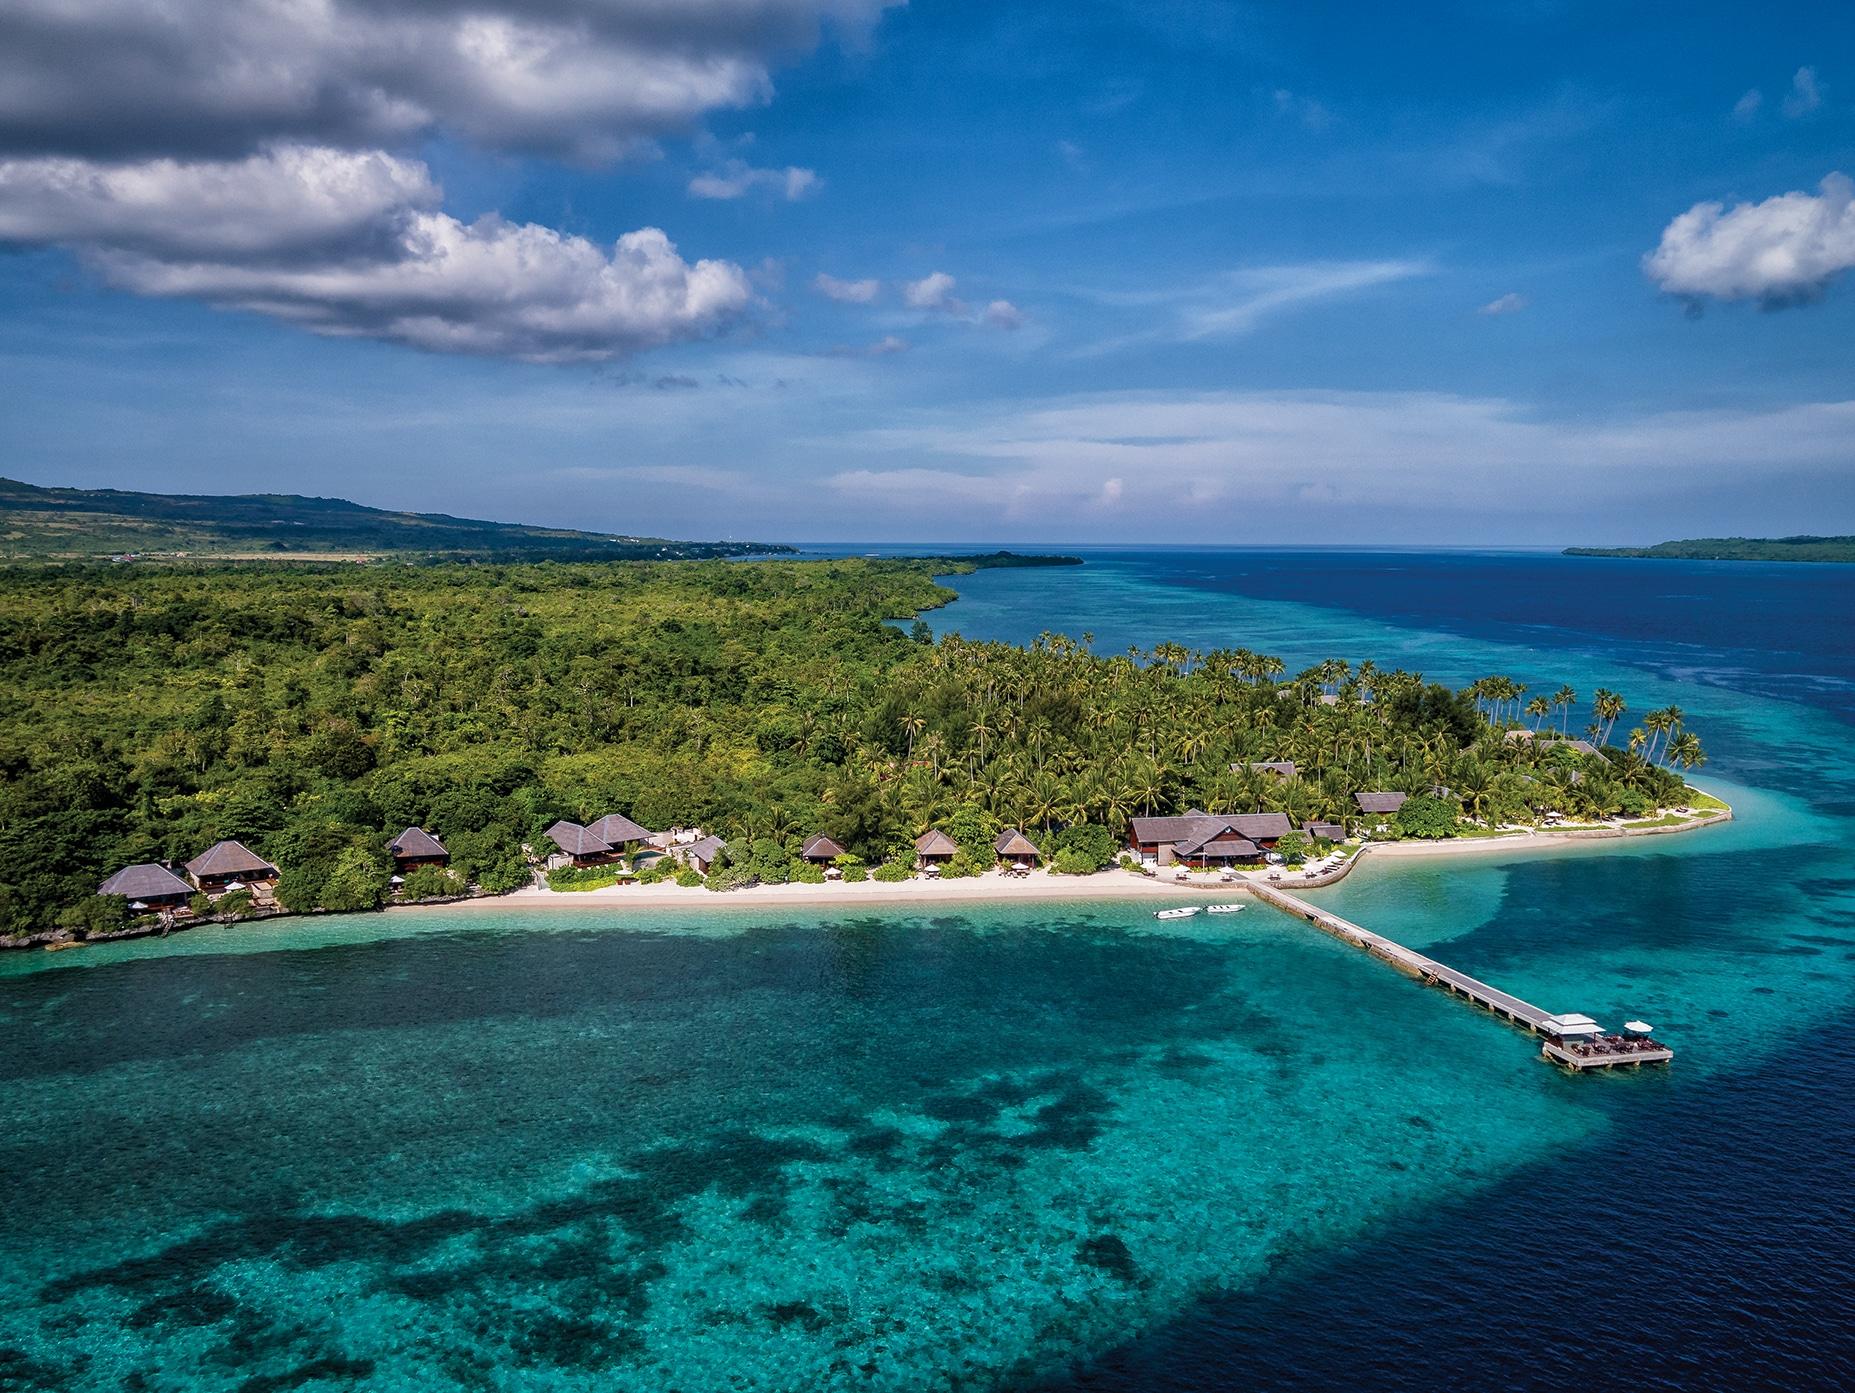 Wakatobi Resort and House Reef